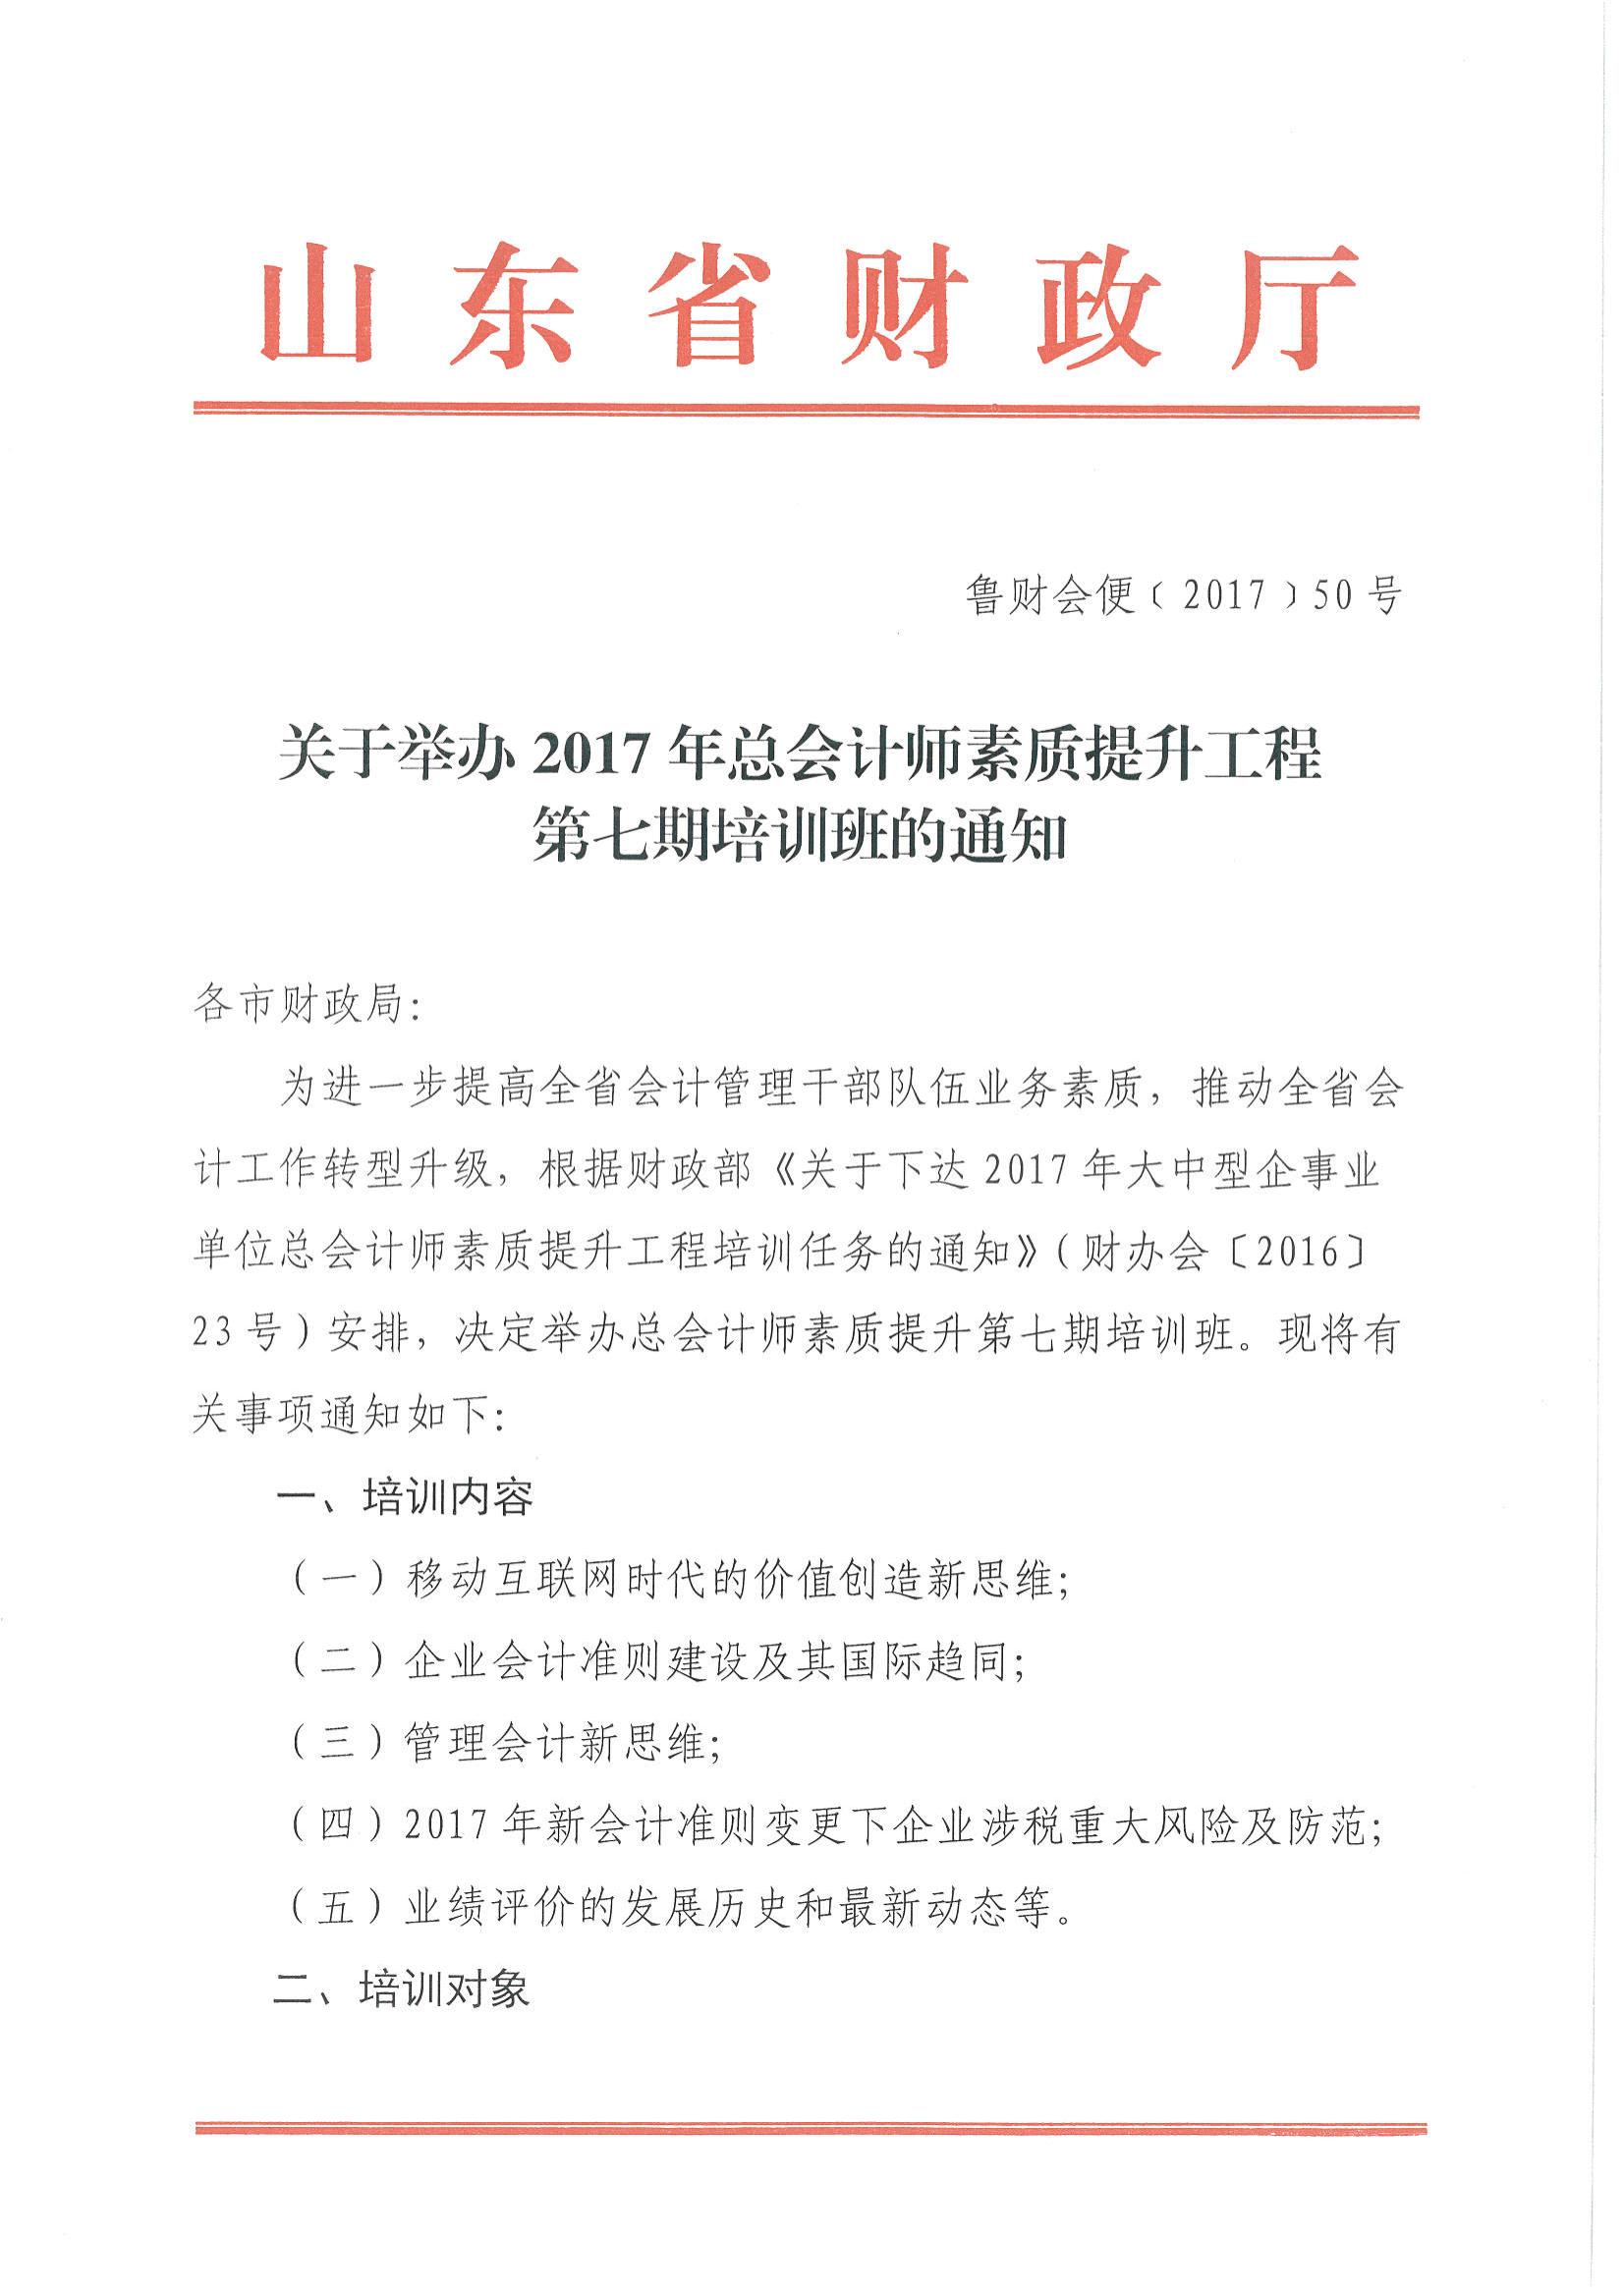 关于举办2017年总会计师素质提升工程第七期培训班的通知_3.png